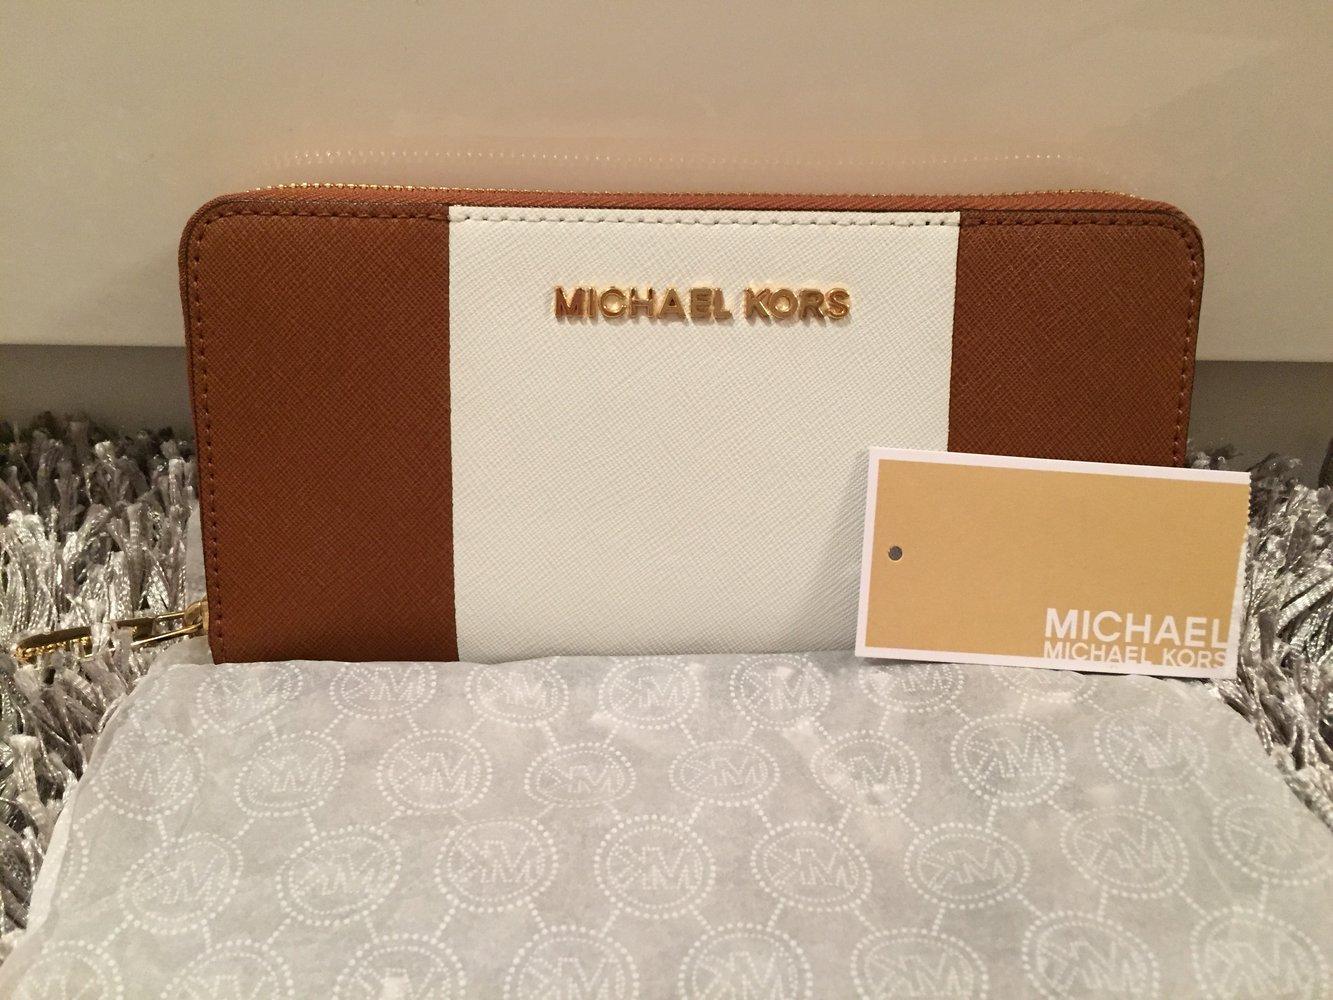 65dca970833be ... Michael Kors portemonnaie Geldbörse braun weiß Jet set continental  original neu .